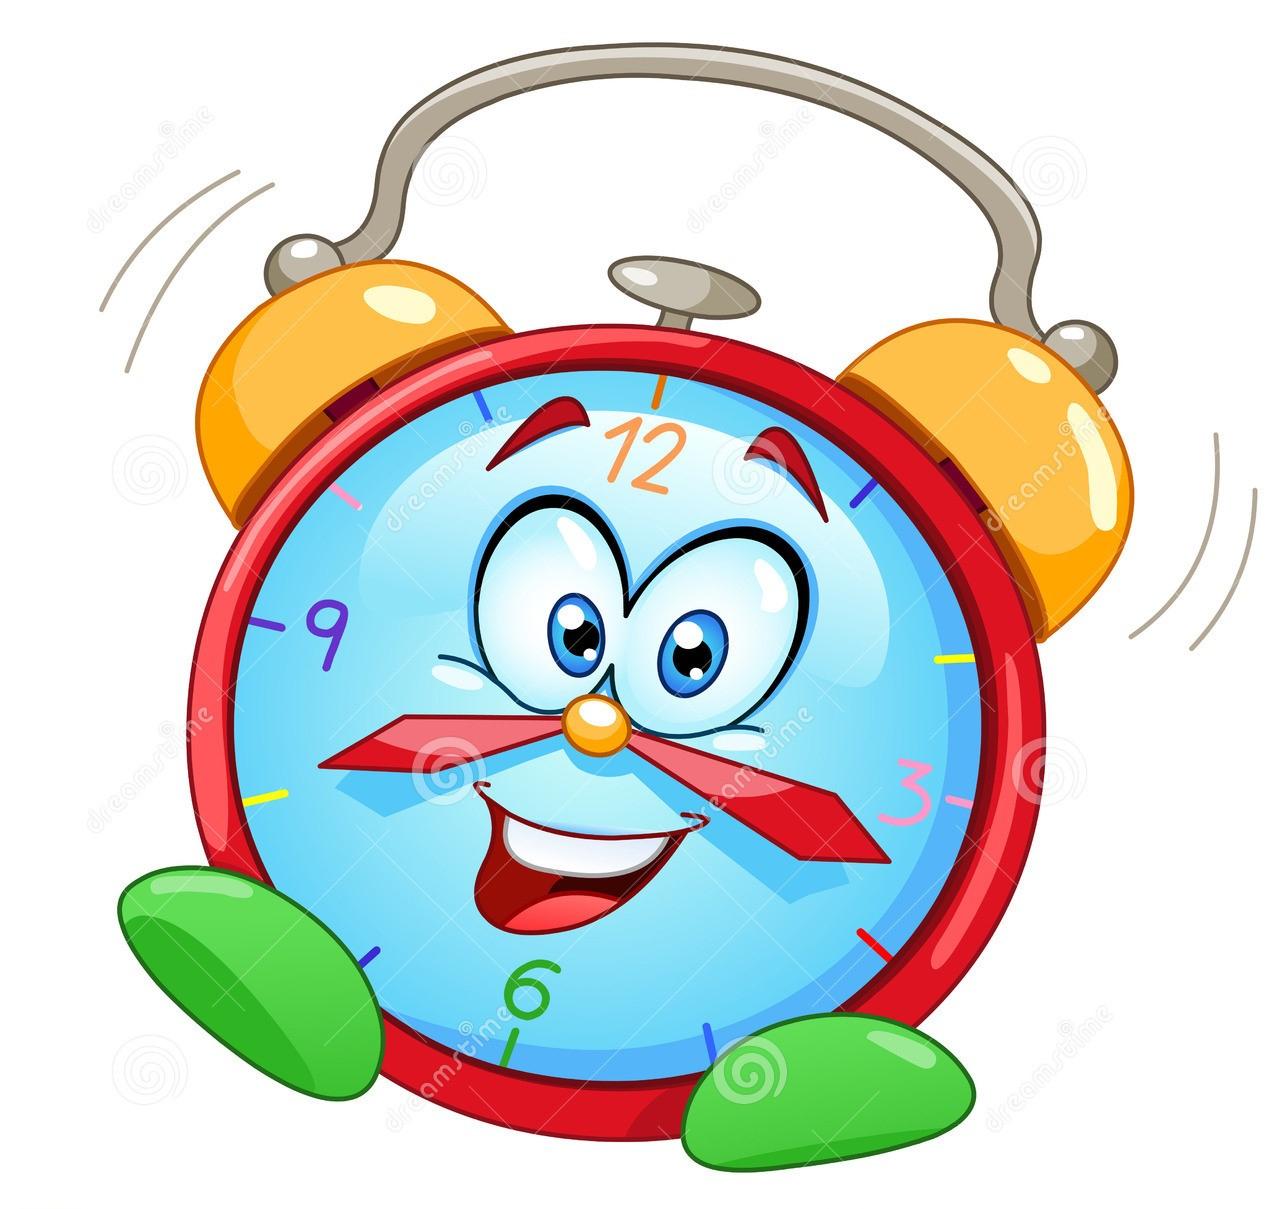 Horloge-D-Alarme-De-Dessin-Animé-21464295 - Copie concernant Dessin D Horloge